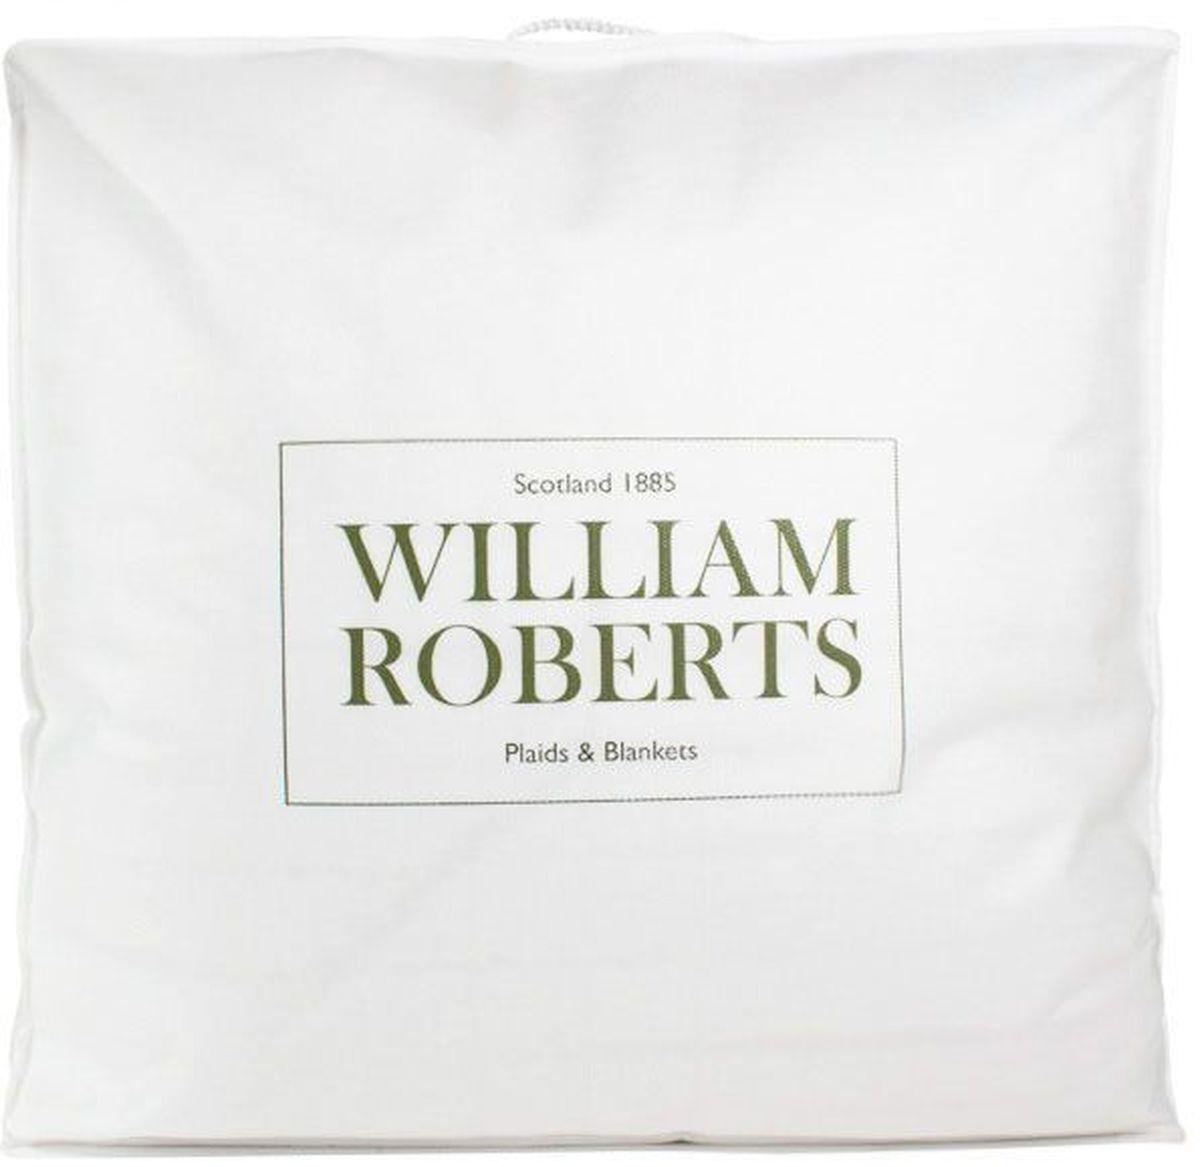 Подушка William Roberts White Splendid Down, средняя, 50х70wlr233231Подушка средняя для тех, кто спит на спинеРазмер (см): 50х70 (1 шт) (Прямоугольная)Наполнитель ядра: Пух-пероСостав наполнителя: 100% Гусиный белый пух высокого качестваМатериал чехла: Хлопковый сатин (Supersoft)Состав материала чехла: 100% ХлопокОтделка: КантЗастежка: НетПроизводитель: William RobertsCтрана производства: Великобритания